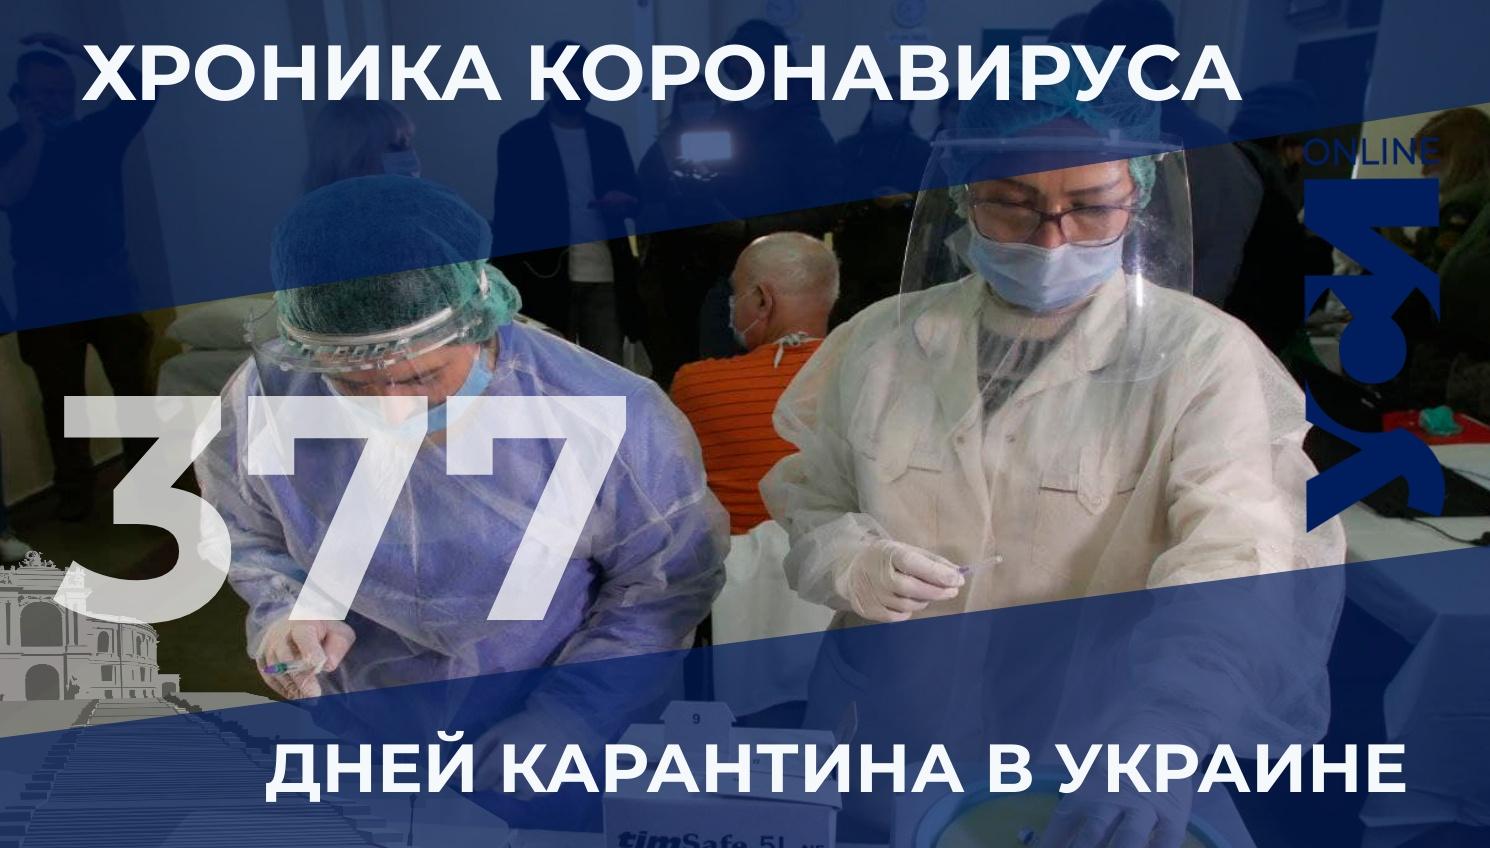 COVID-19: Одесская область лидирует по количеству новых больных «фото»